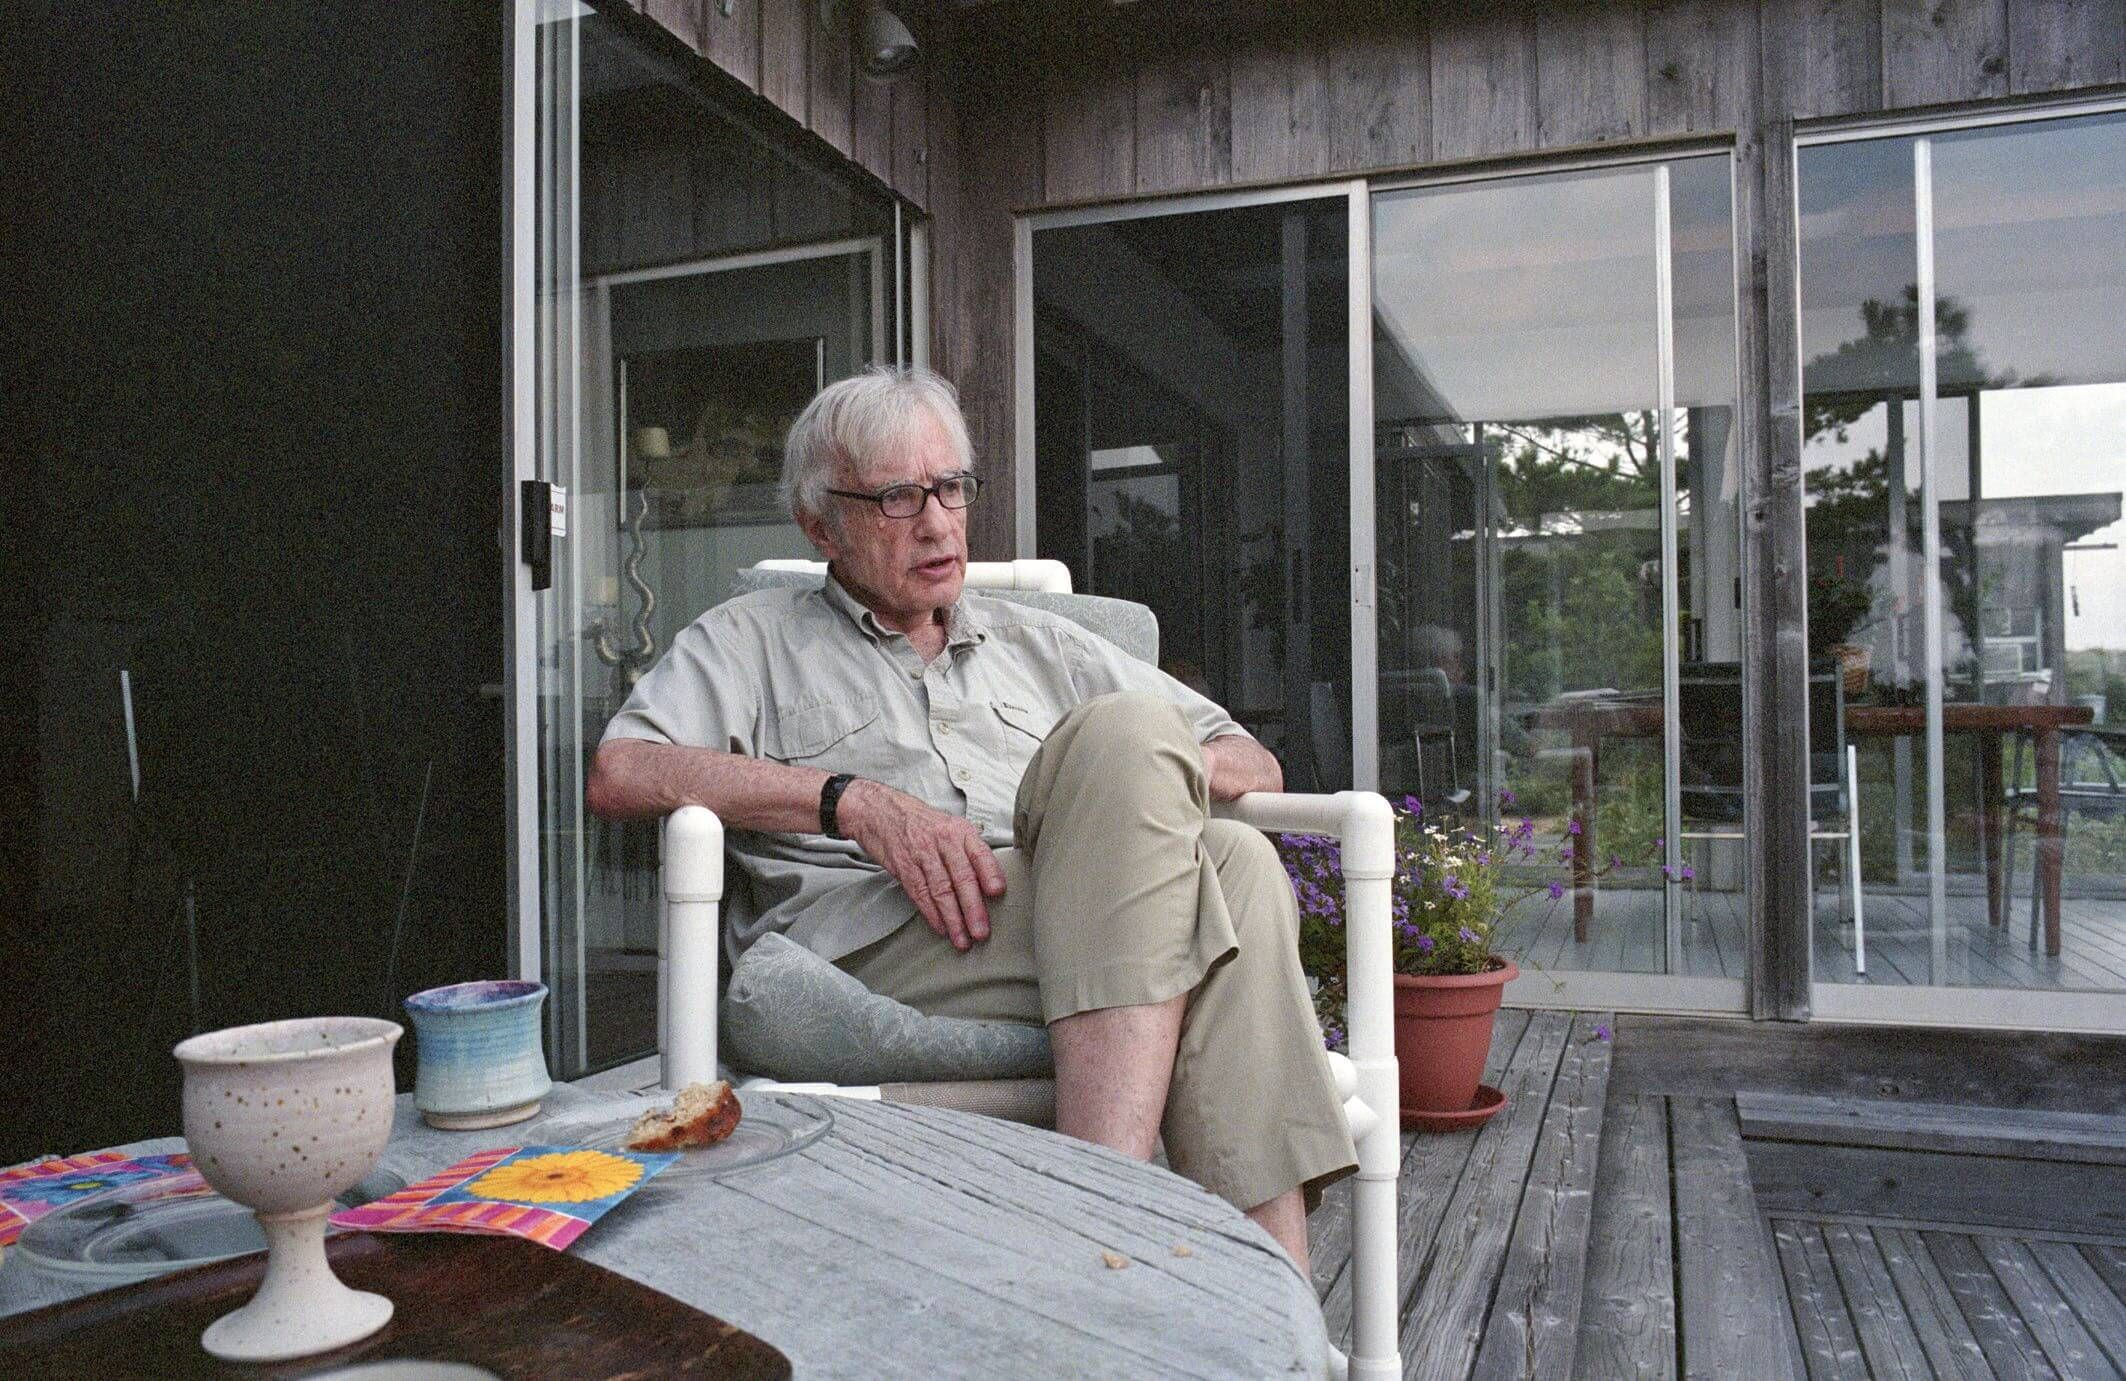 Гарвардский профессор Роберт Лифтон после своих исследований жертв атомной бомбардировки Хиросимы стал выступать против ядерного оружия. Фото: National Center for Jewish Film